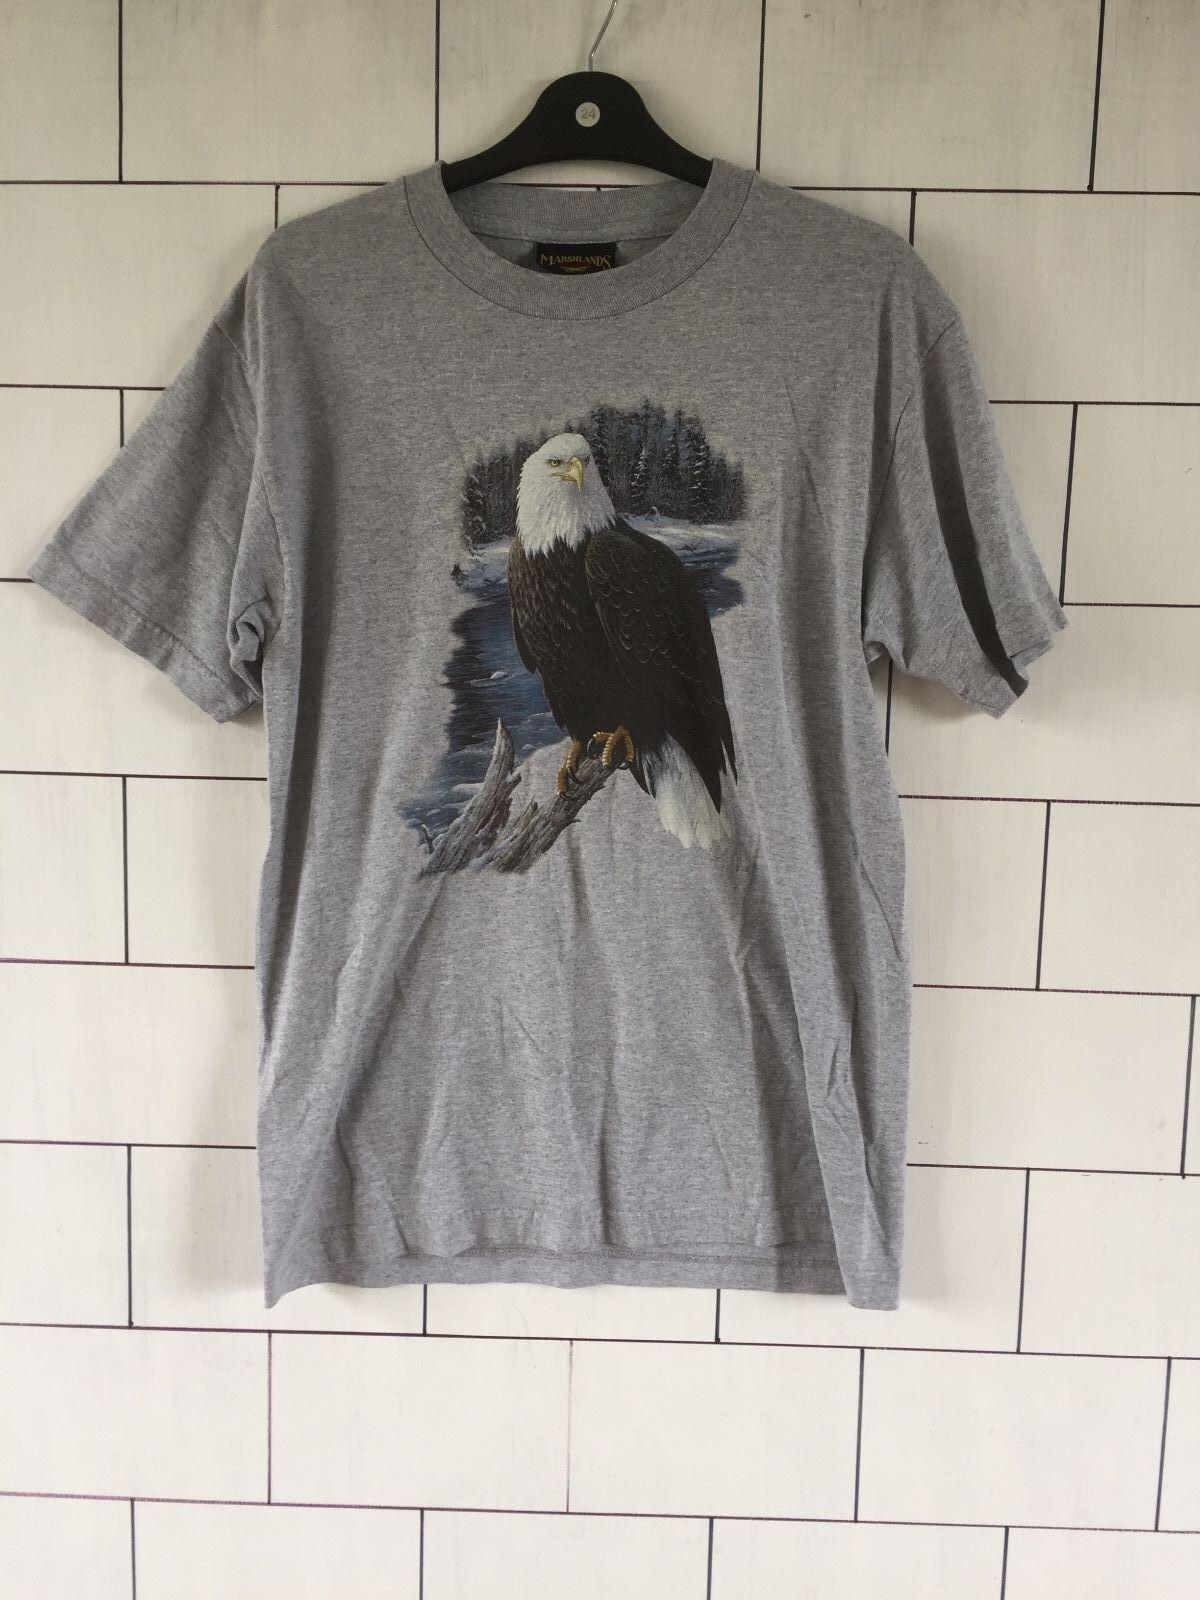 Urbain Rétro Vintage Gris courtes CANADA Eagle Festival à manches courtes Gris T shirt top UK M #2 031619